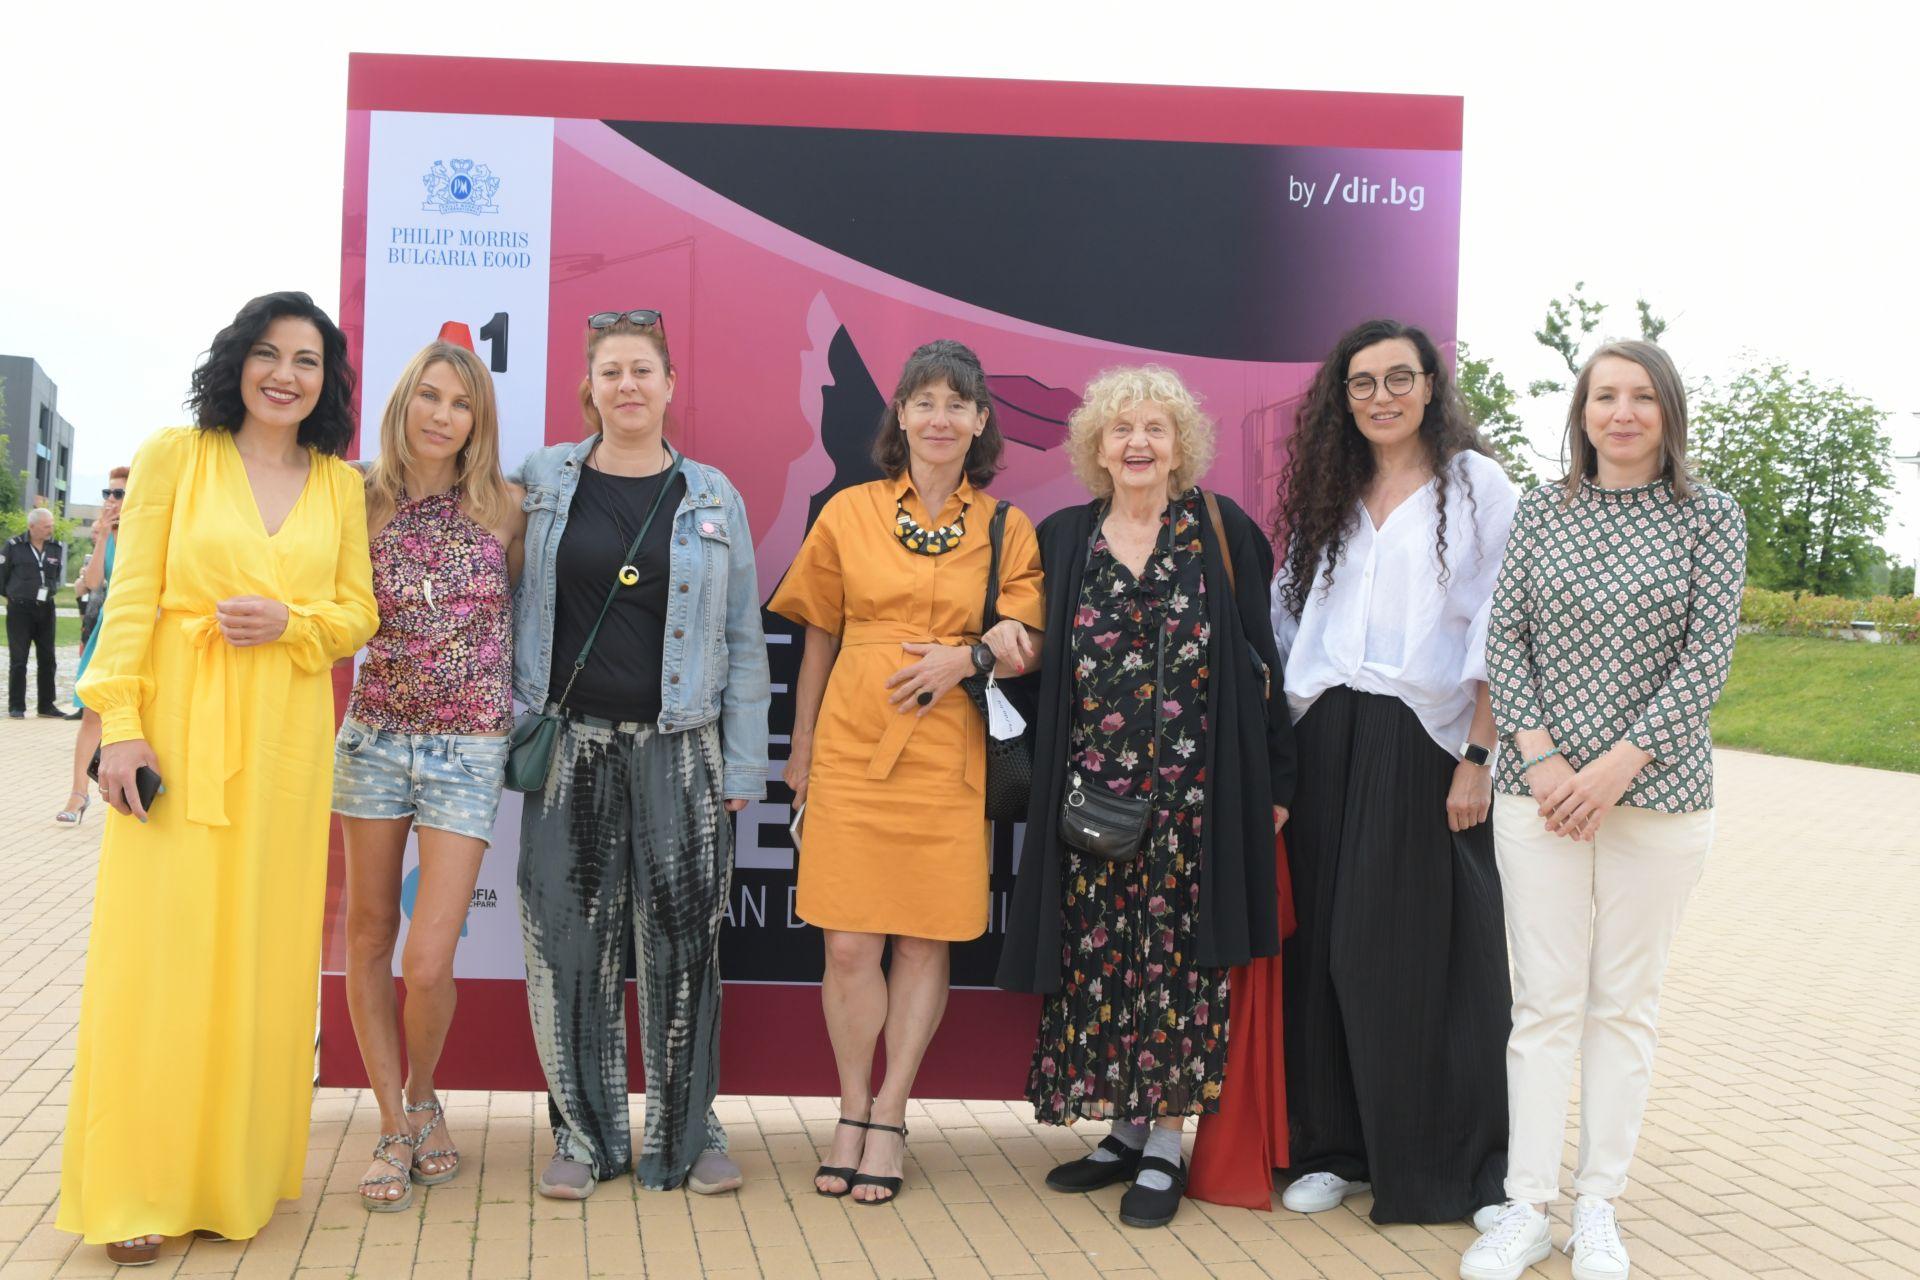 Уникалните жени набитието 2020 година позират на съ